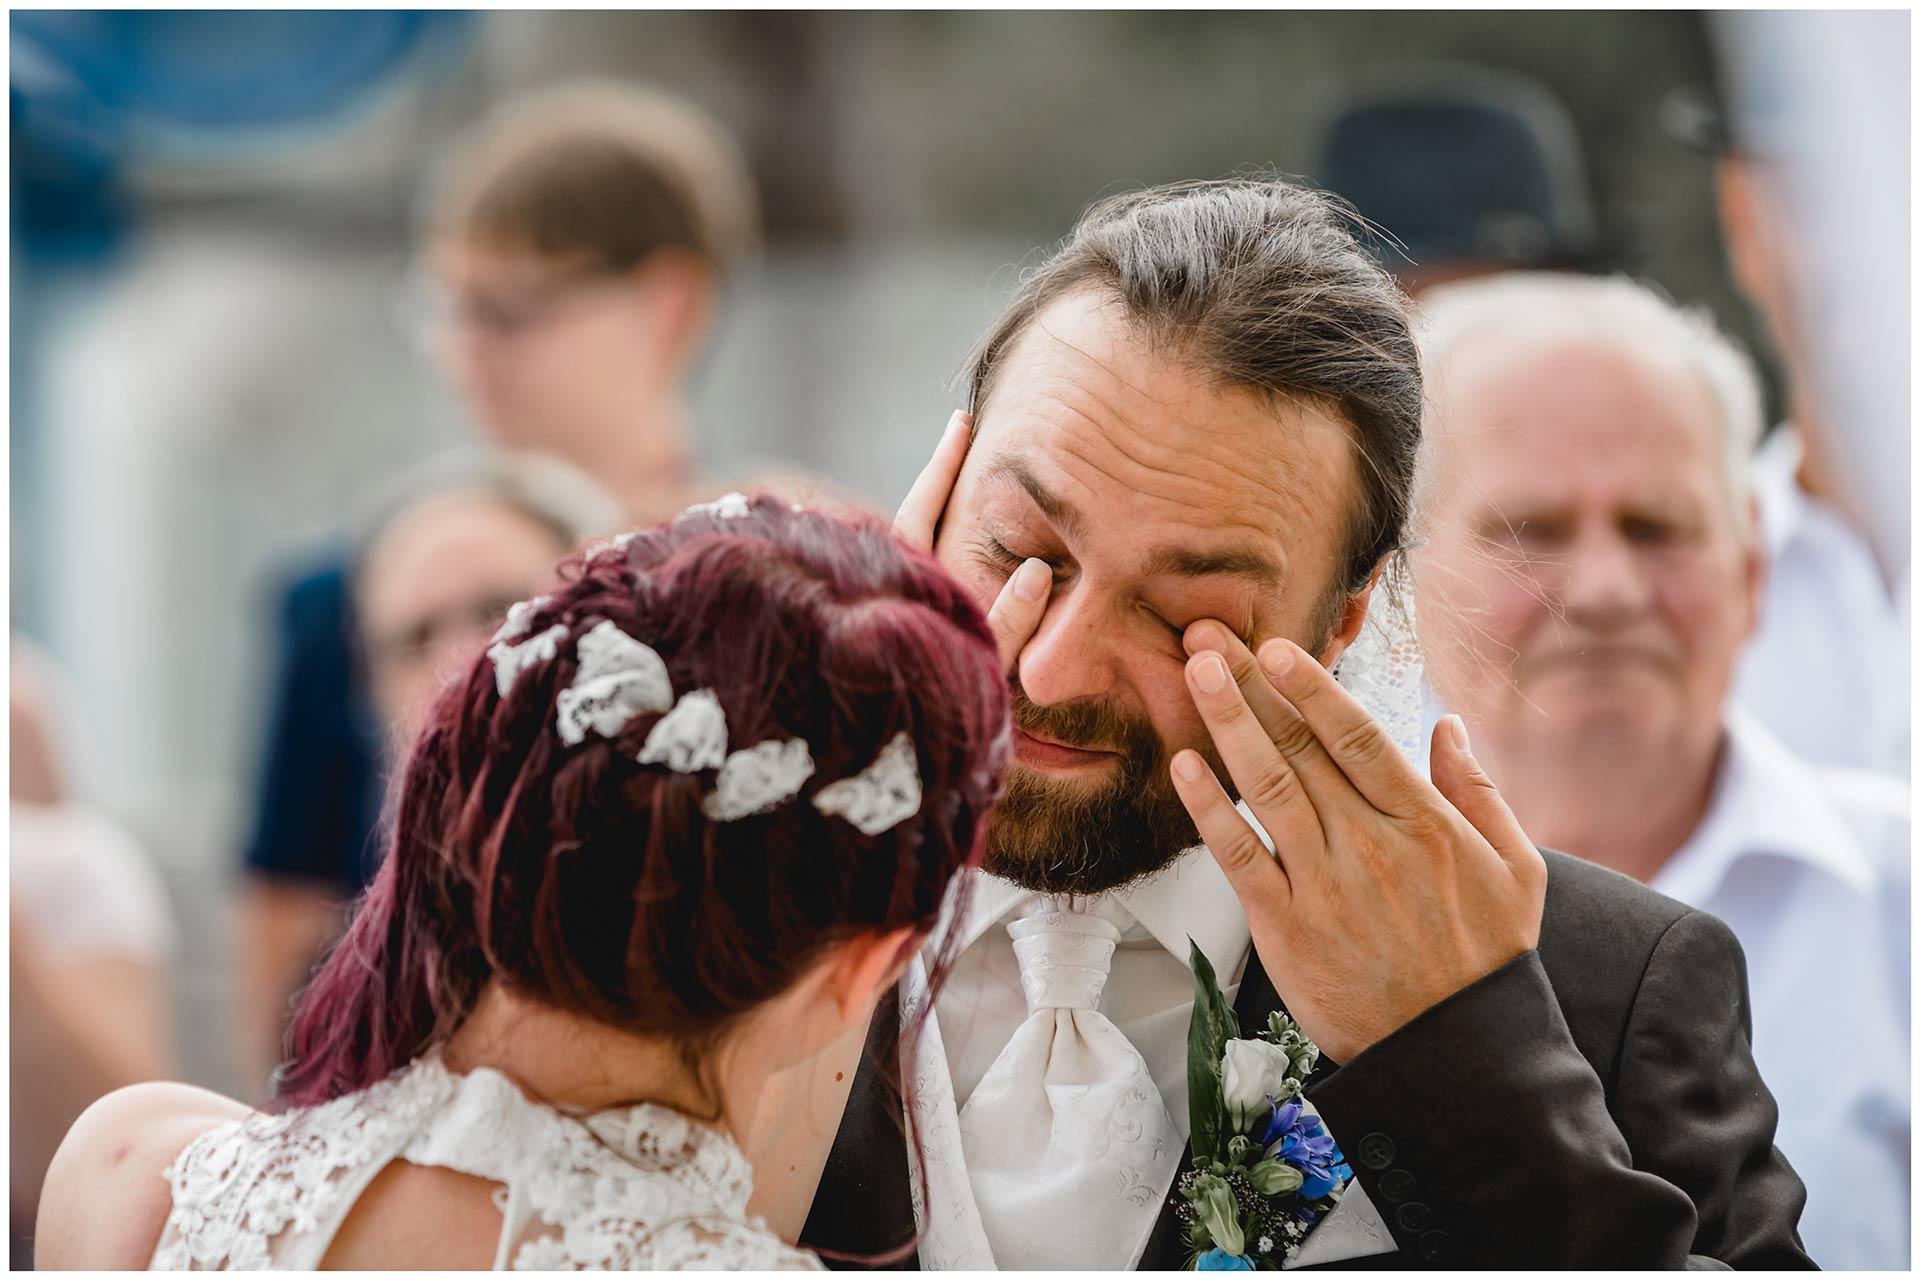 Braut-streicht-liebevoll-eine-Traene-von-der-Wange-ihres-Mannes-Hochzeit-am-Strand-Hochzeitsfotograf-Warnemuende-Hochzeitsfotograf-Rostock-Hochzeitsfotograf-Ostseebad-Warnemuende